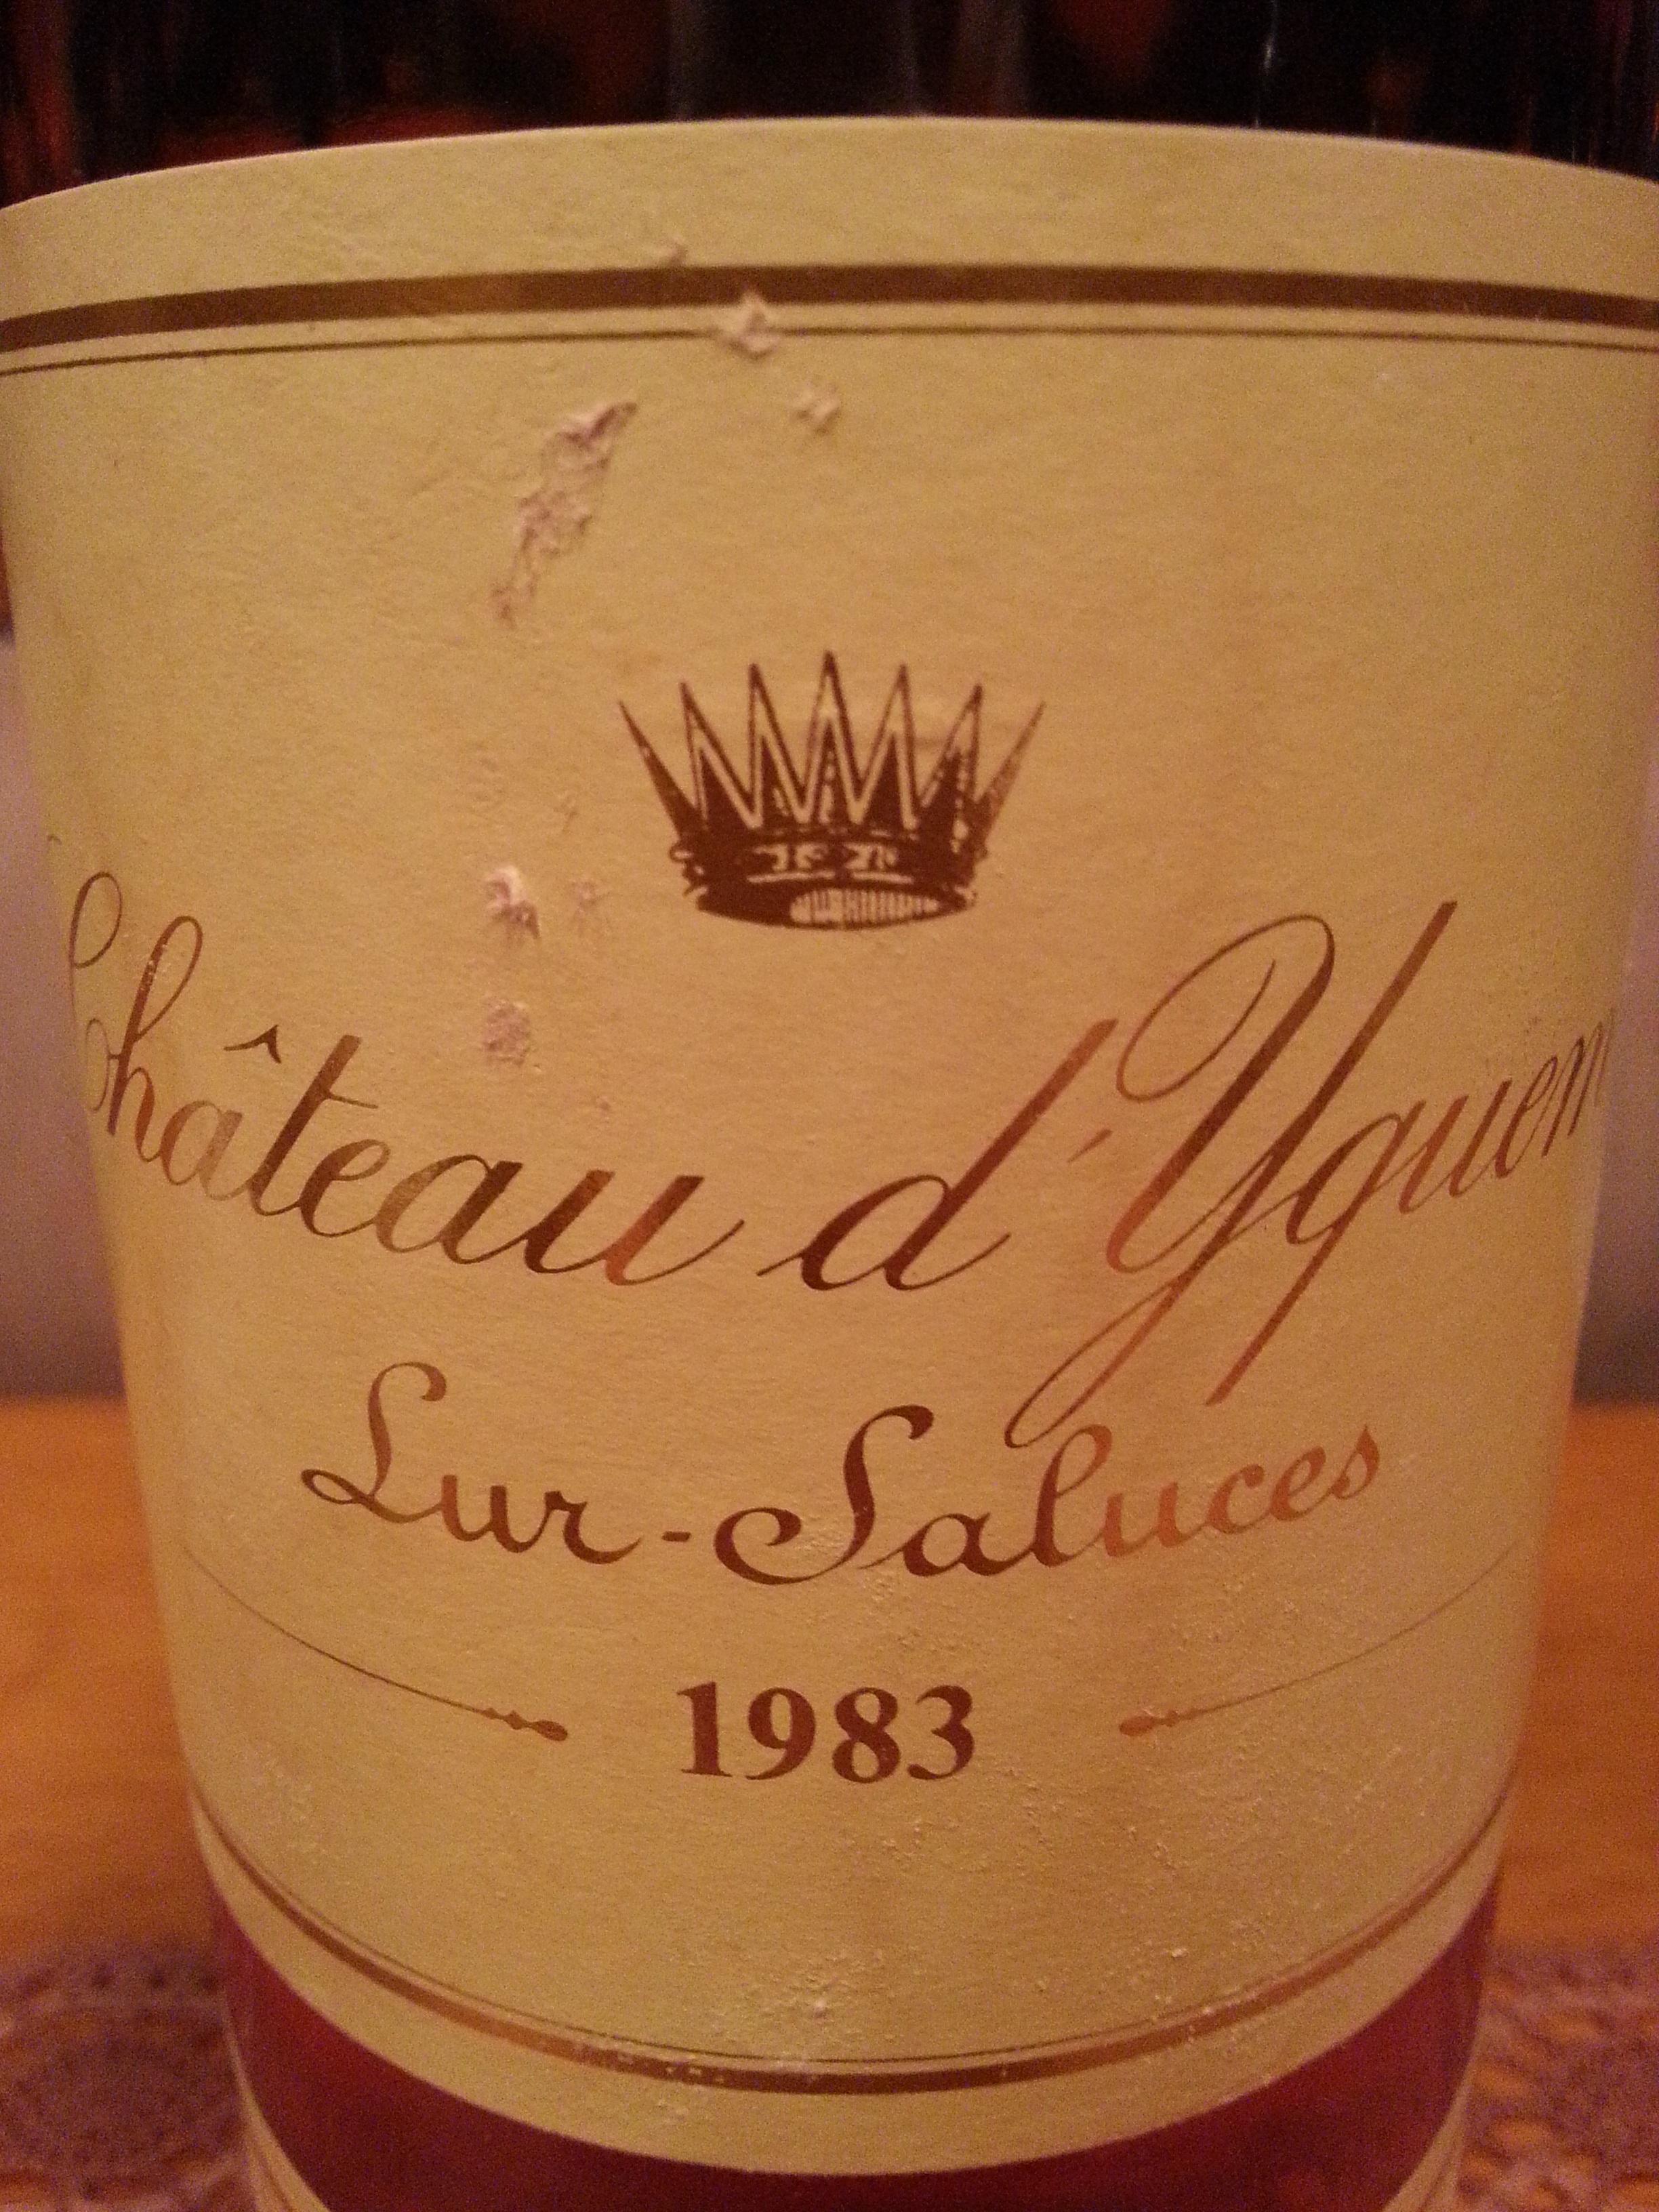 1983 Château d'Yquem | Château d'Yquem